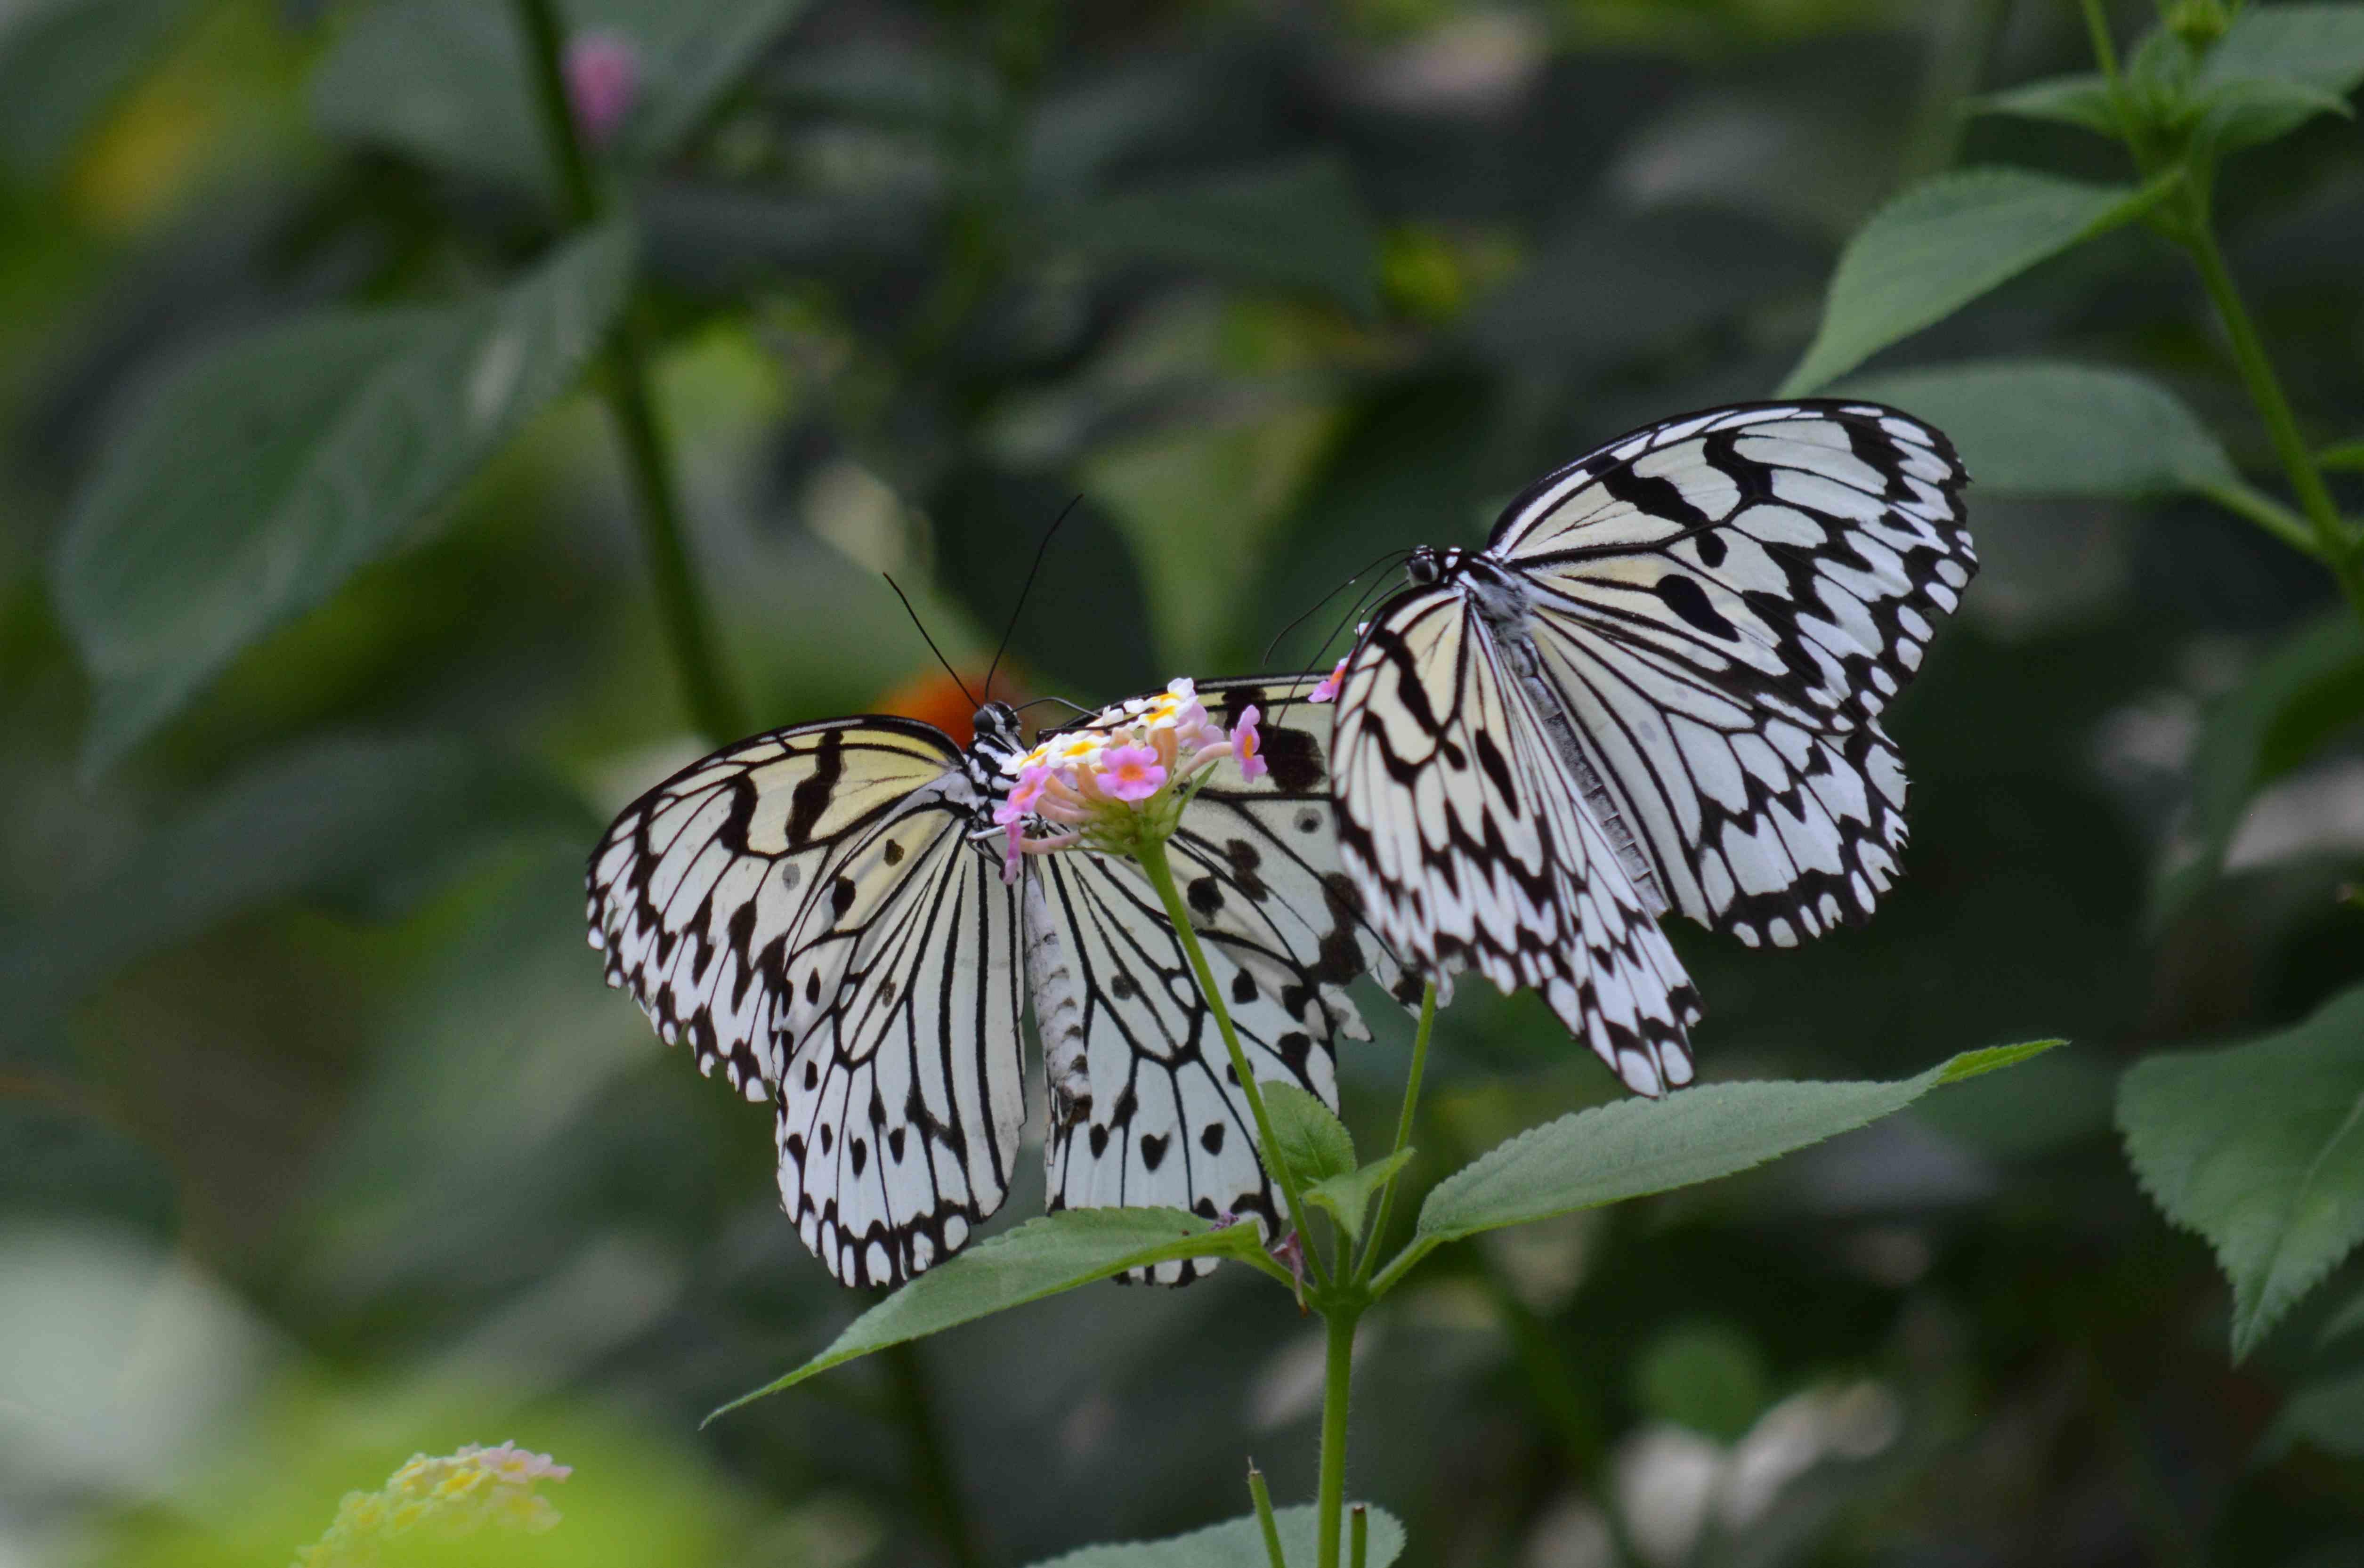 オオゴマダラ他 7月18日 多摩動物園にて_d0254540_1823728.jpg